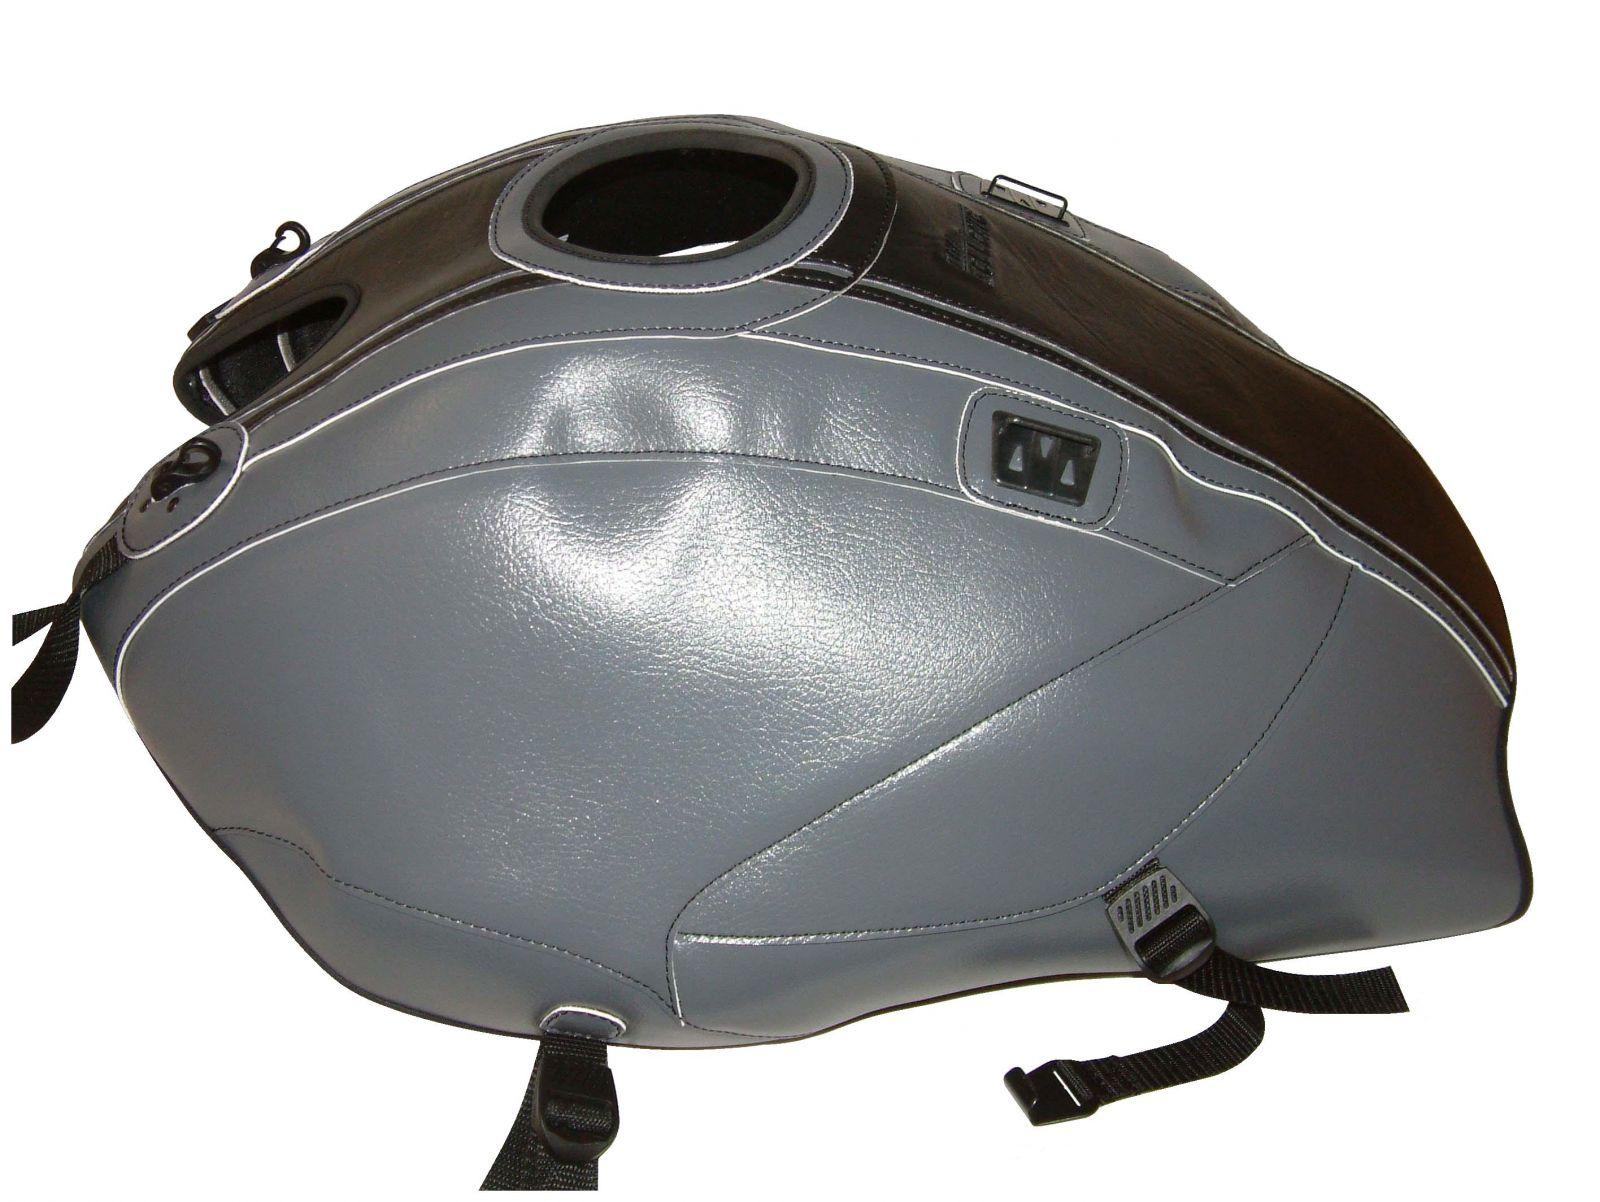 Capa de depósito TPR6067 - DUCATI S4R